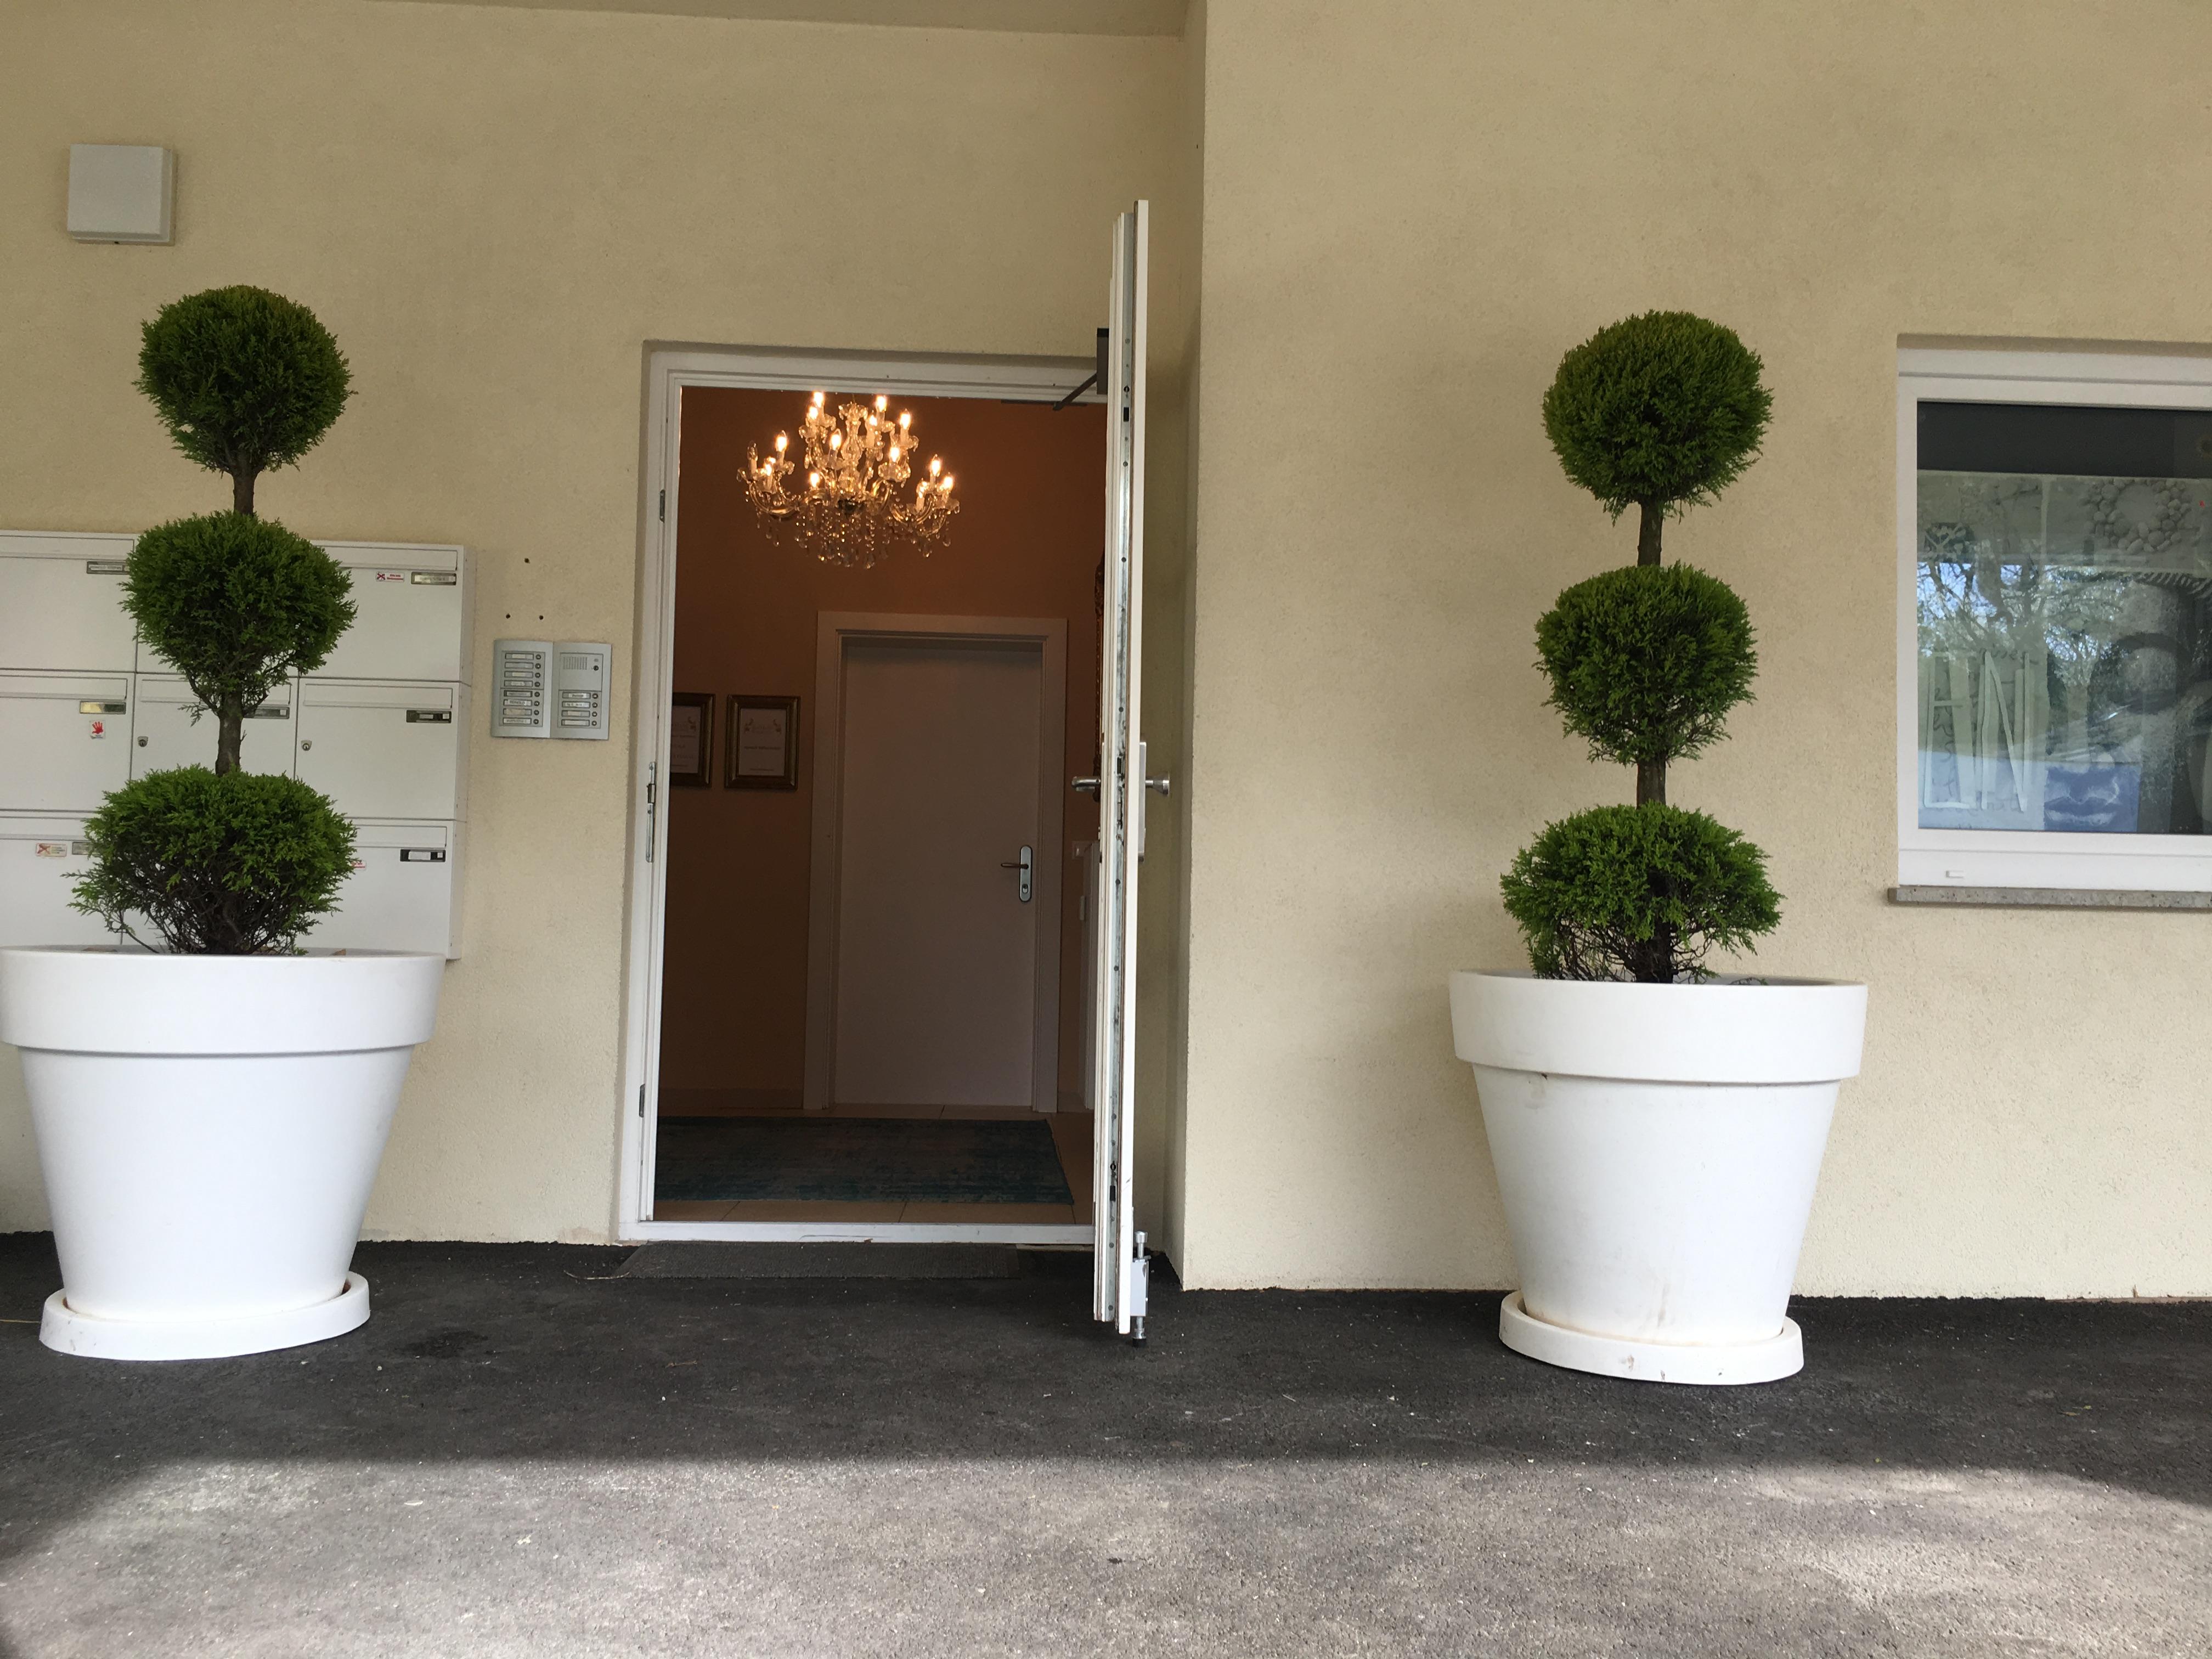 Ferienwohnung Instyle Residences, (Himberg). Deluxe Appartement 42/1, 53qm, 1 Schlafzimmer, max. 4 Perso (2215192), Himberg, Industrieviertel, Niederösterreich, Österreich, Bild 4